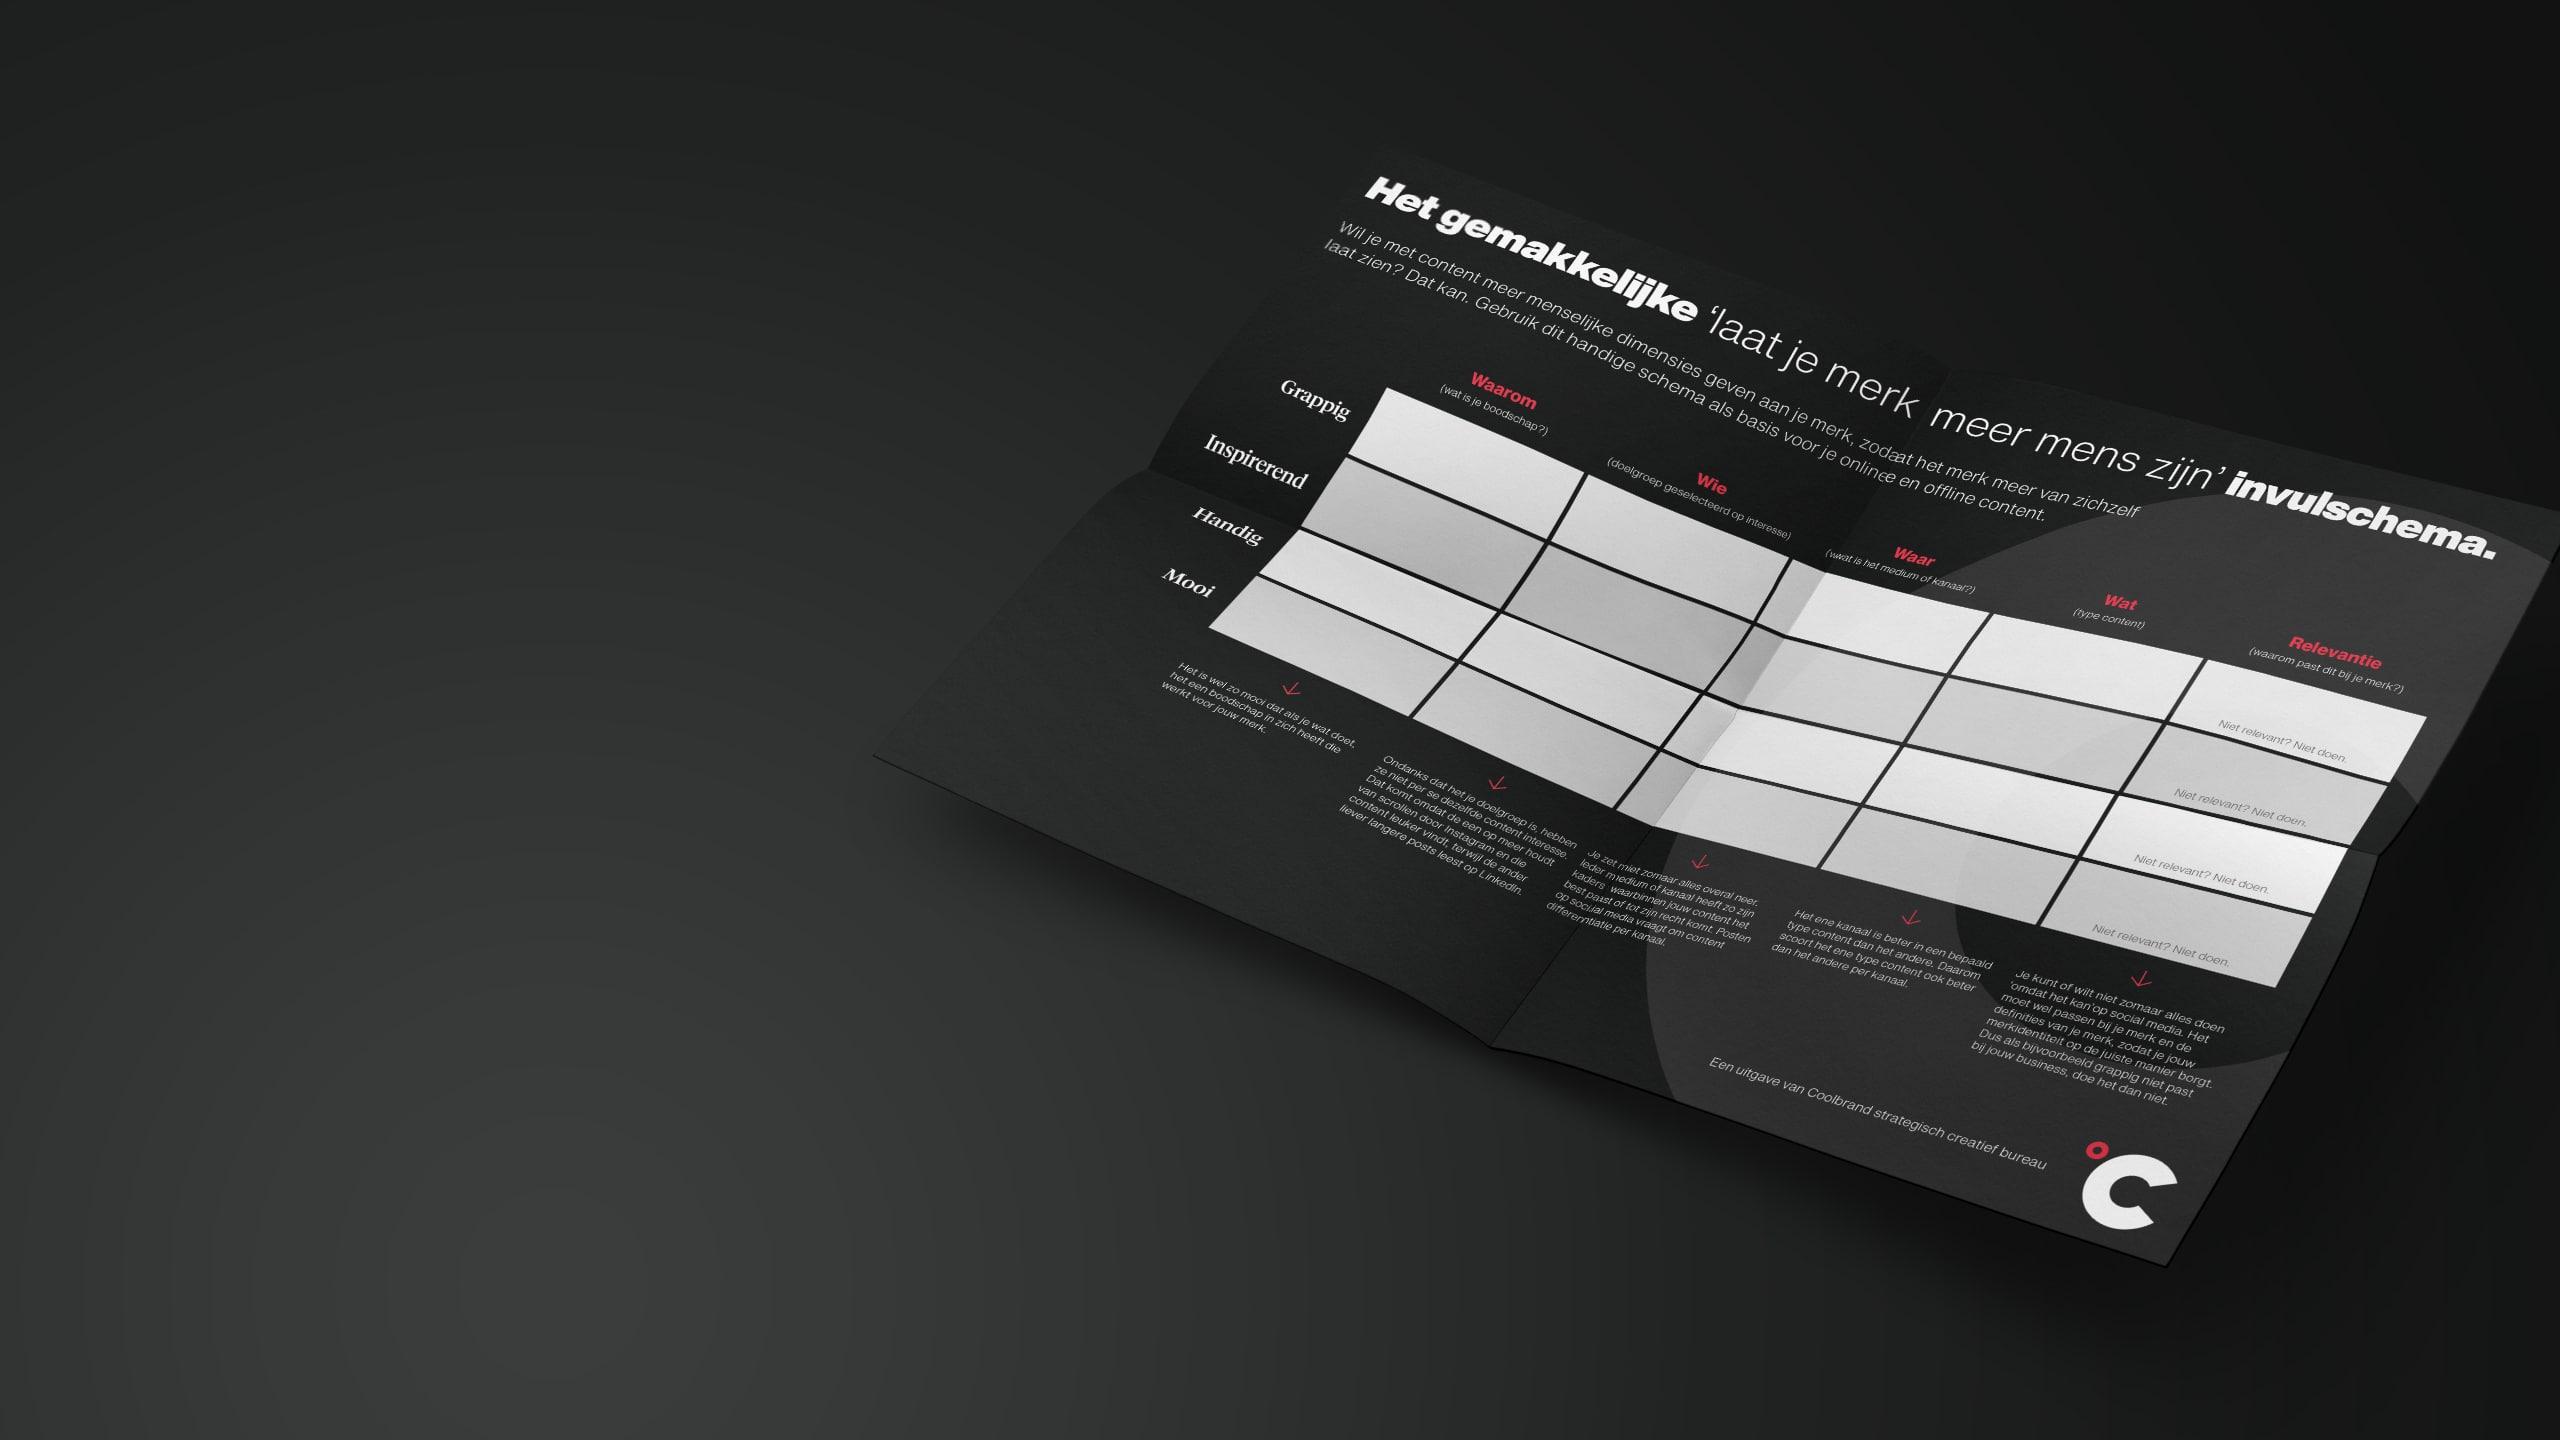 Schema dat als basis gebruikt kan worden voor online en offline content om je merk meer mens te laten zijn